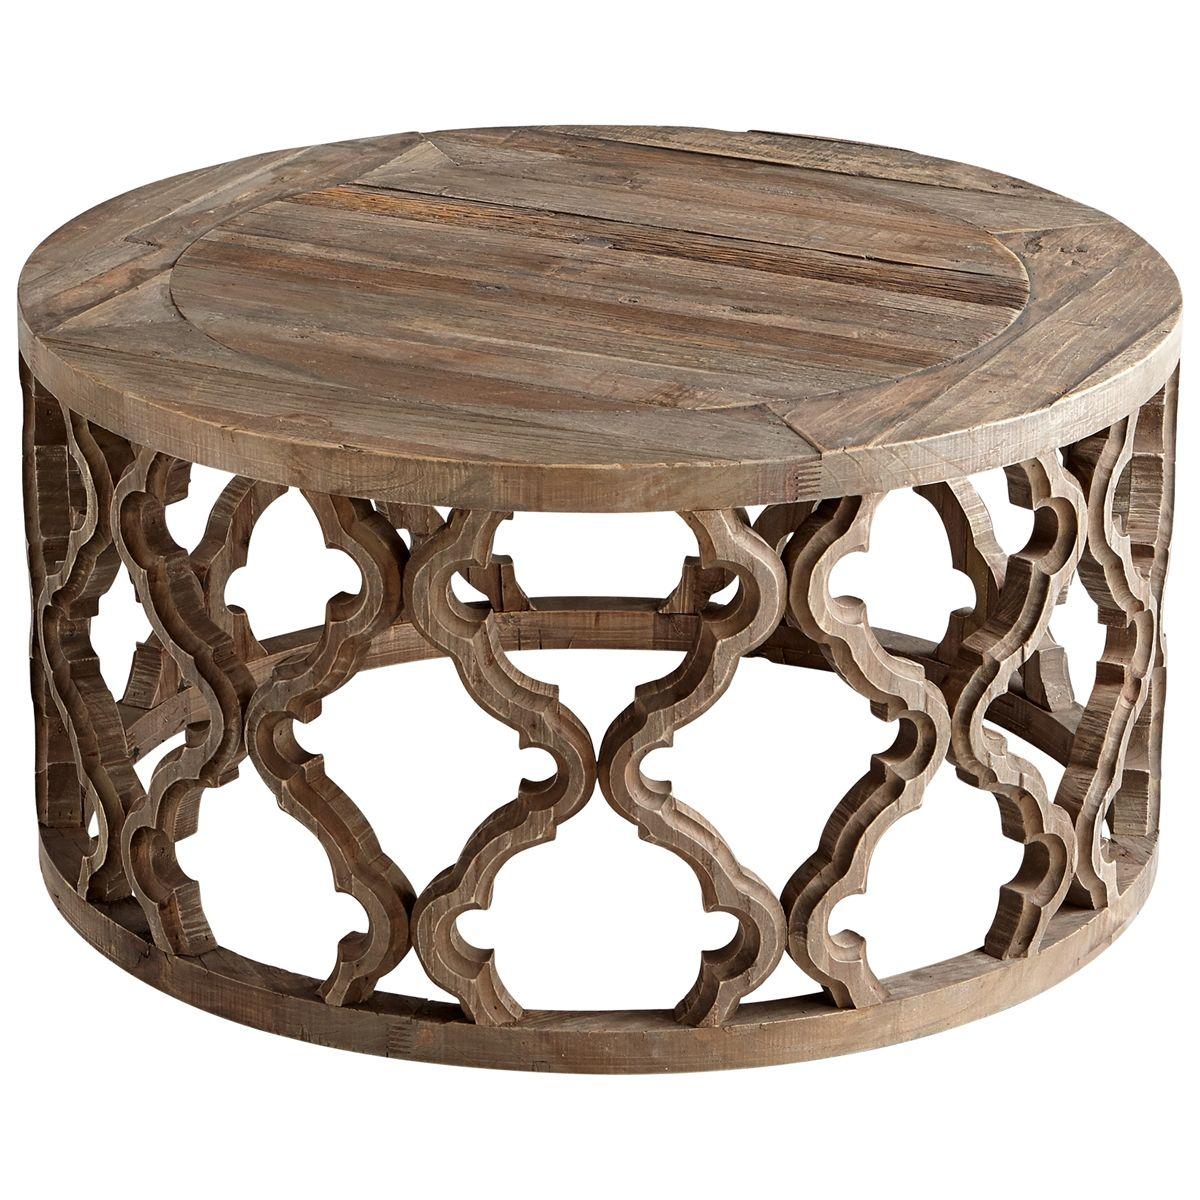 Sirah Coffee Table Mesas De Centro Recicladas Coleccion De Muebles Mesas De Centro Redondas [ 1200 x 1200 Pixel ]